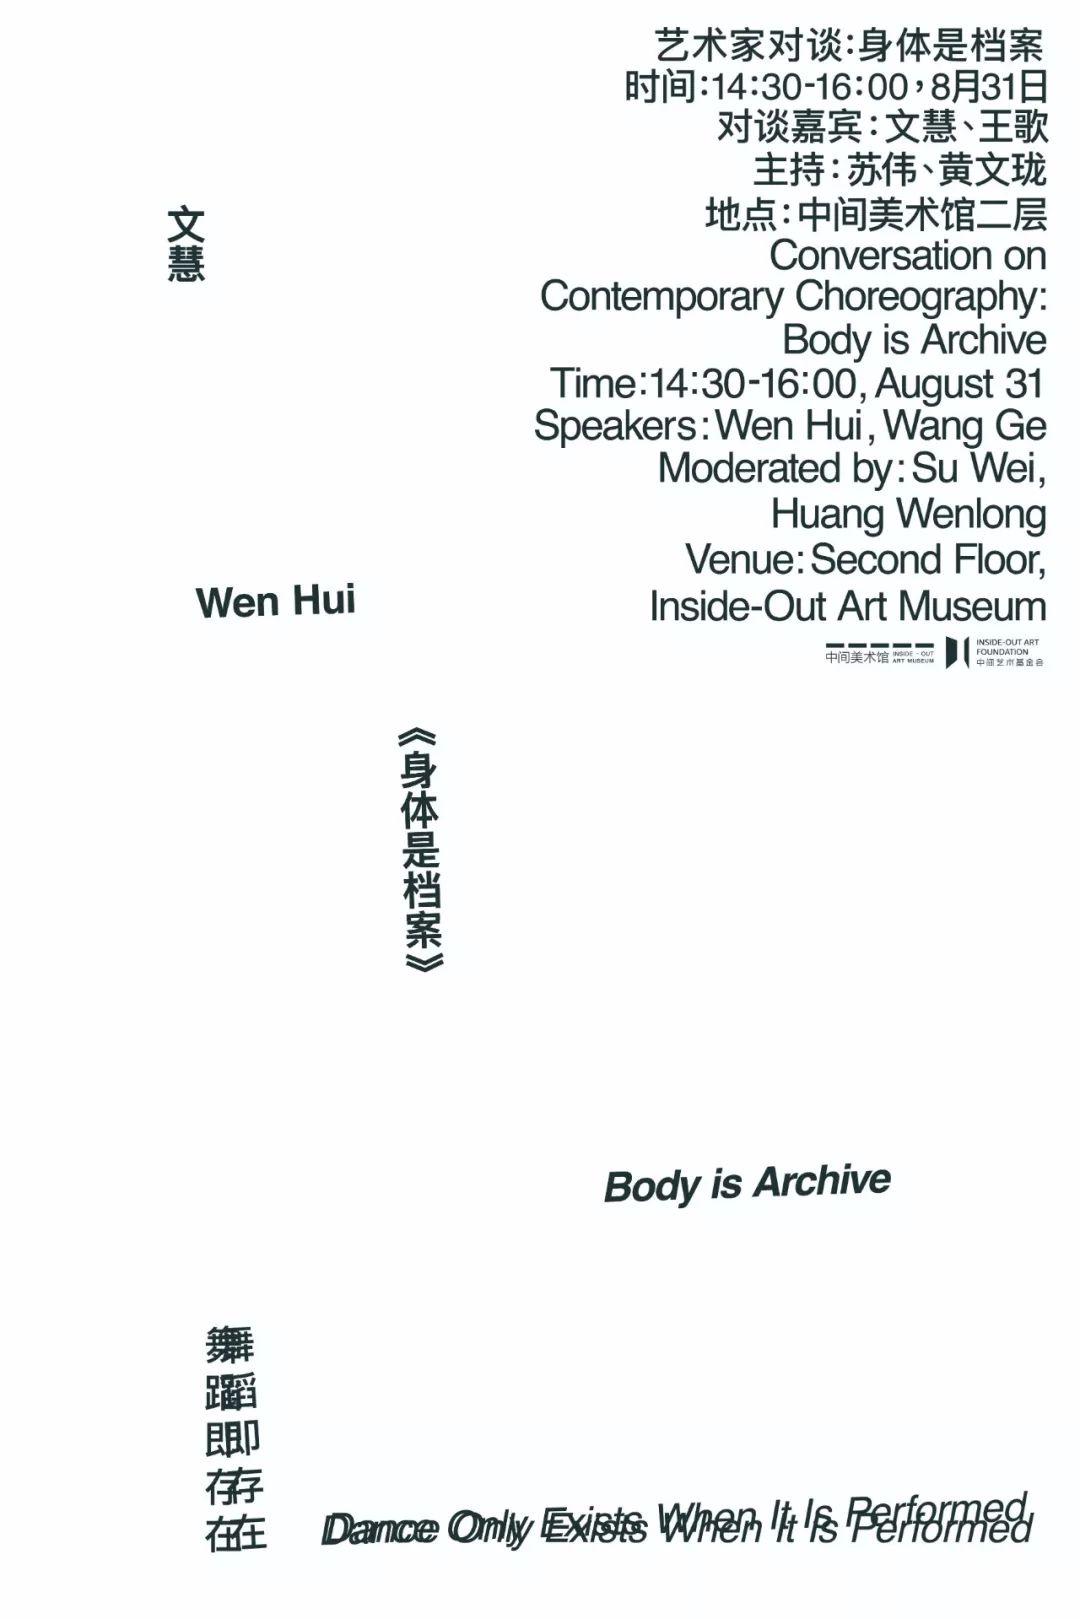 """8月31日周六下午,中间美术馆展览近日刚刚开幕的展览""""伊冯娜·雷纳与文慧:舞蹈即存在""""其中文慧部分的系列活动也将拉开序幕。我们邀请了哲学学者王歌来与艺术家文慧作对谈,从学术评论以及创作者本人的不同角度来向大家剖析文慧过去多年创作的精神内核。本次对谈由中间美术馆高级策展人苏伟以及策展助理黄文珑主持。"""